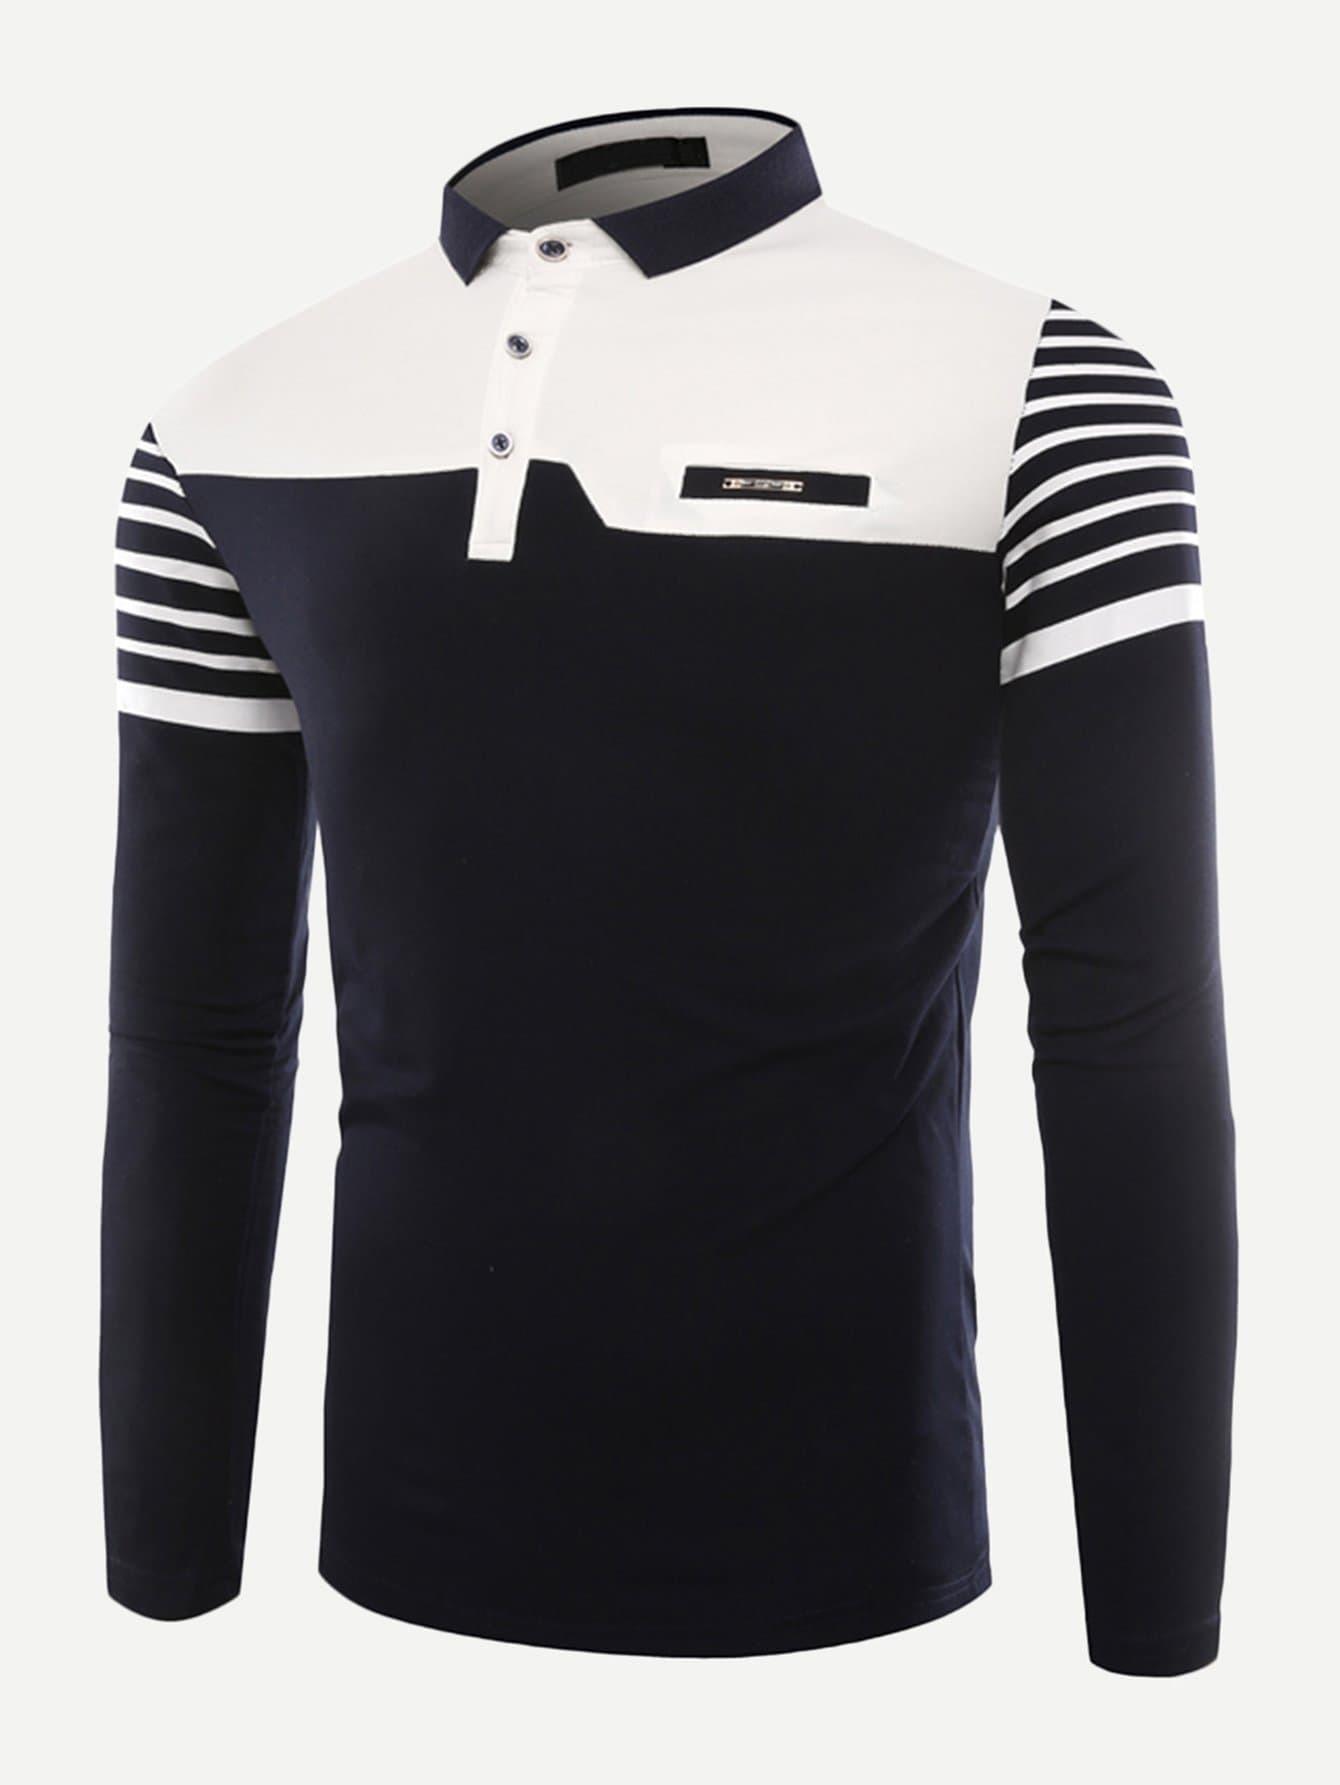 Купить Контрастная полосатая поло футболка для мужчины, null, SheIn